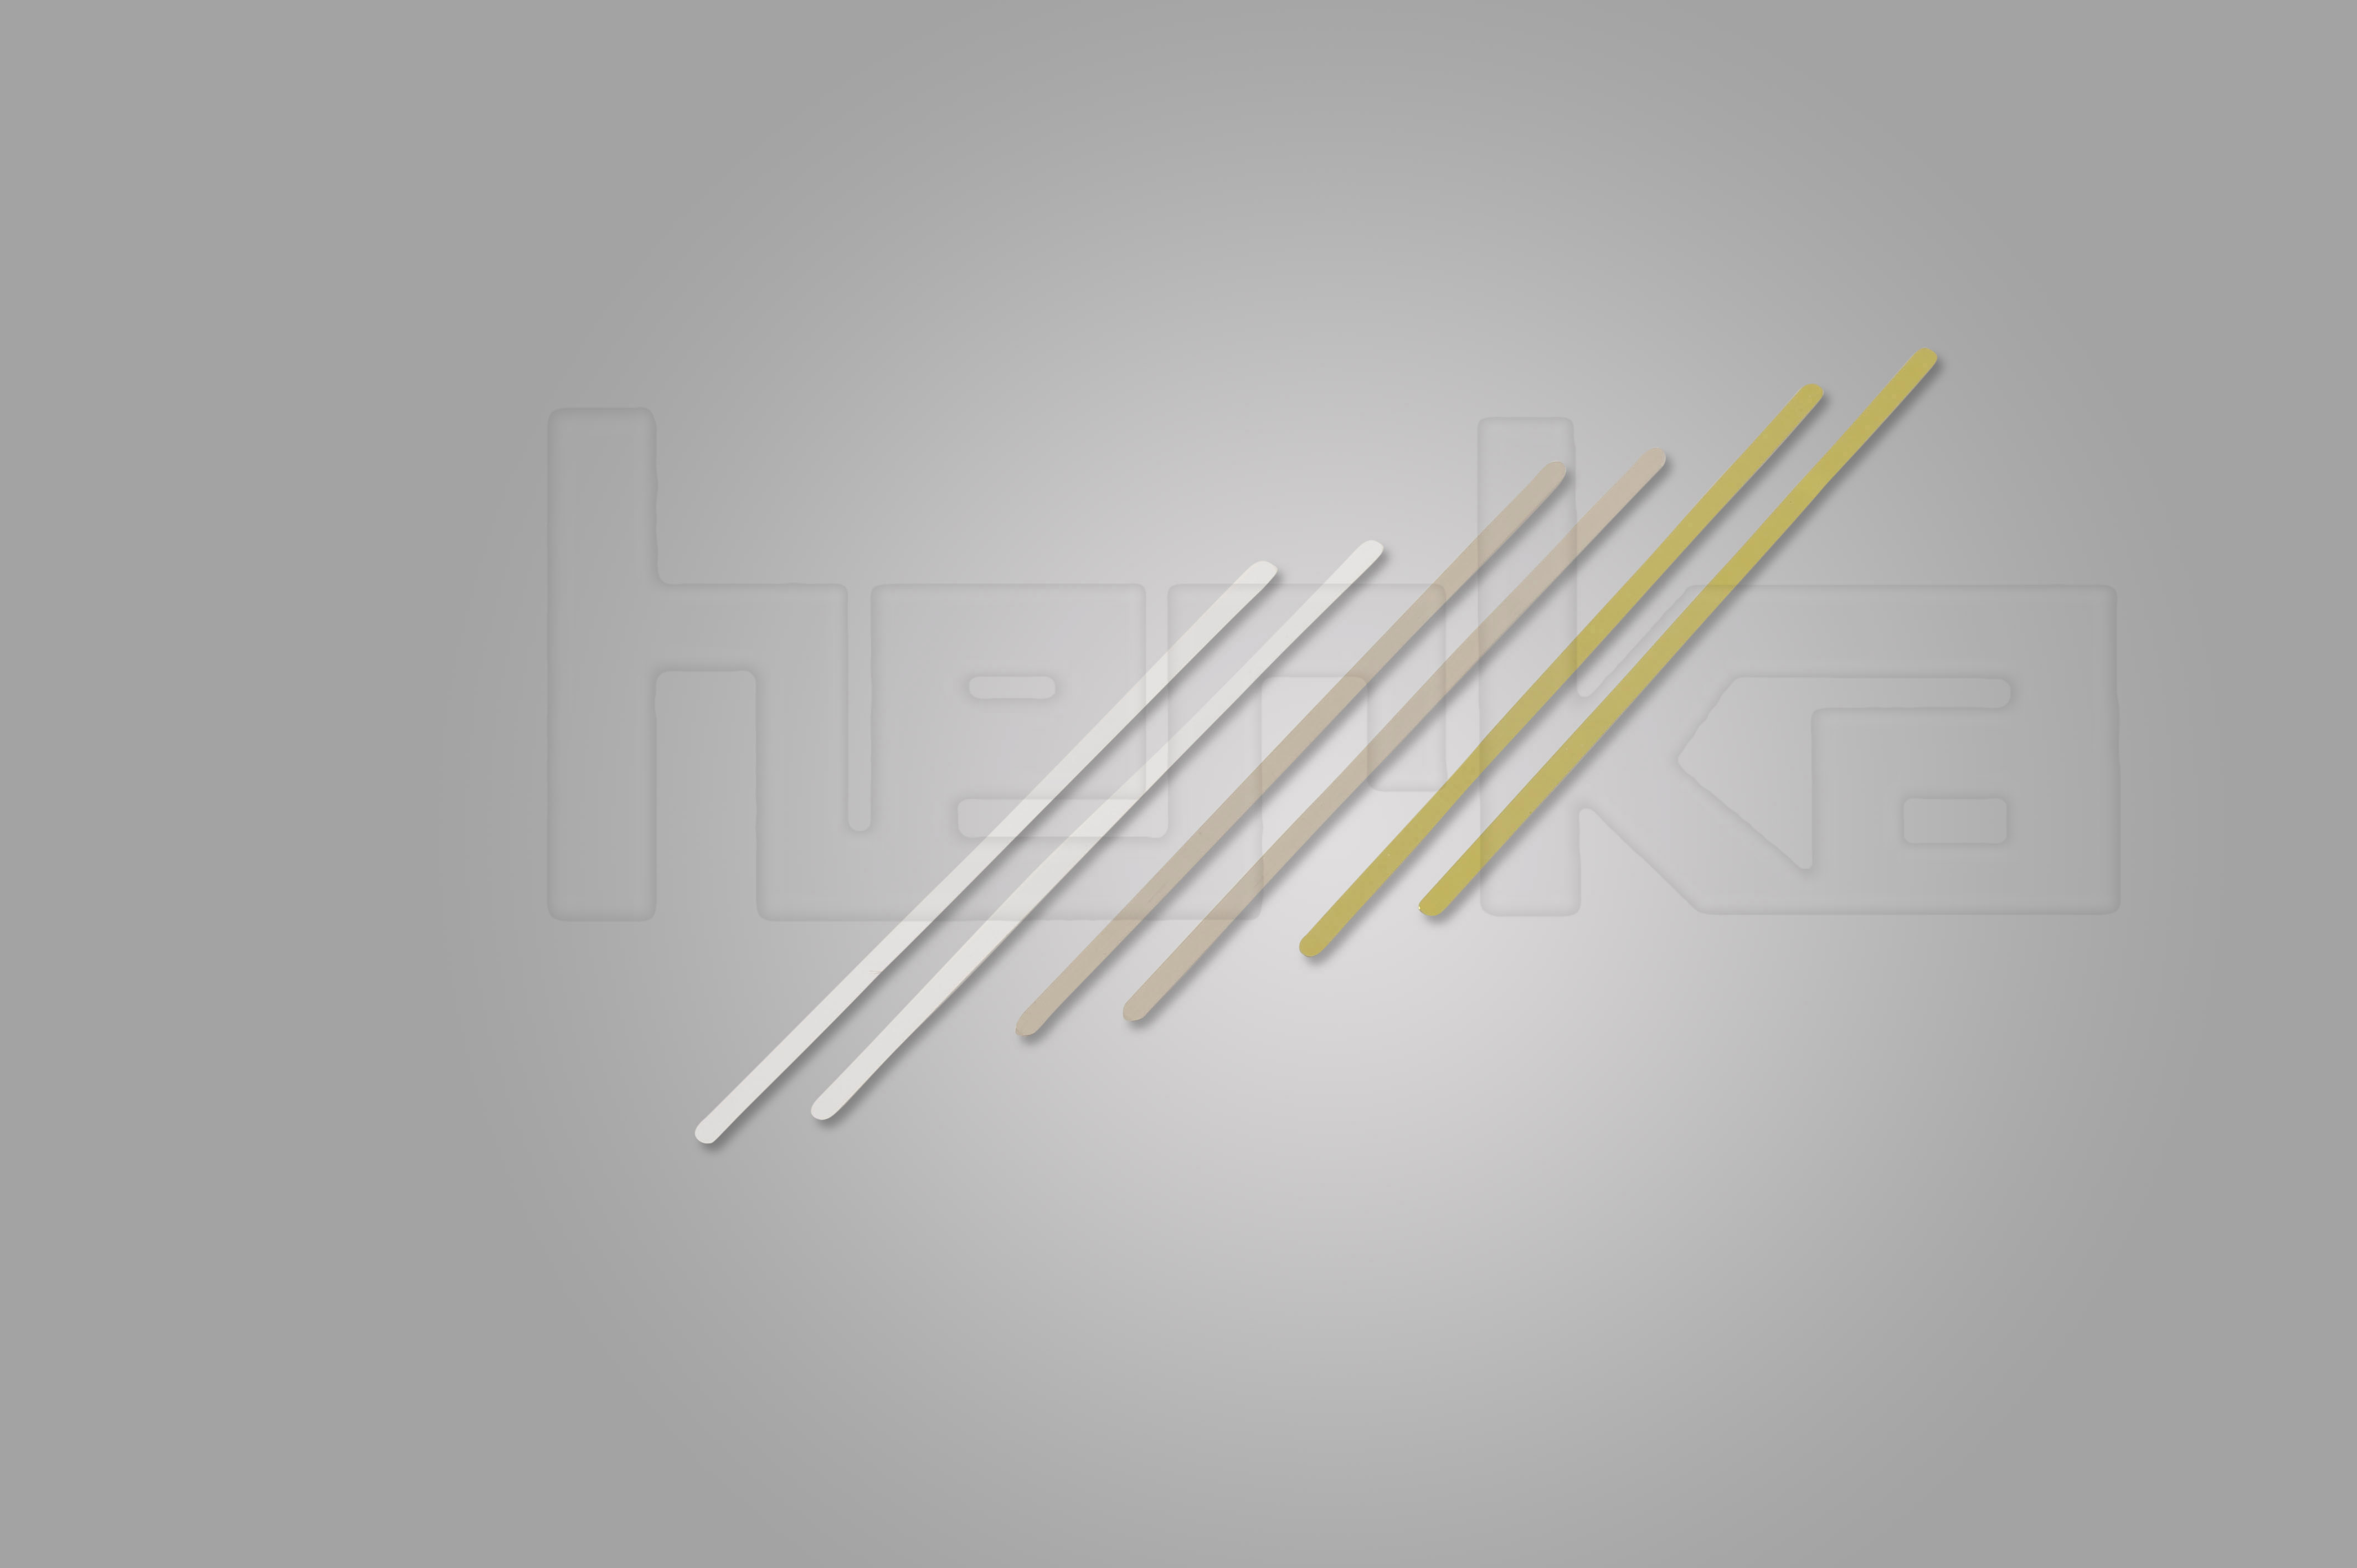 Heftbänder / Nasenbügel aus Stahl